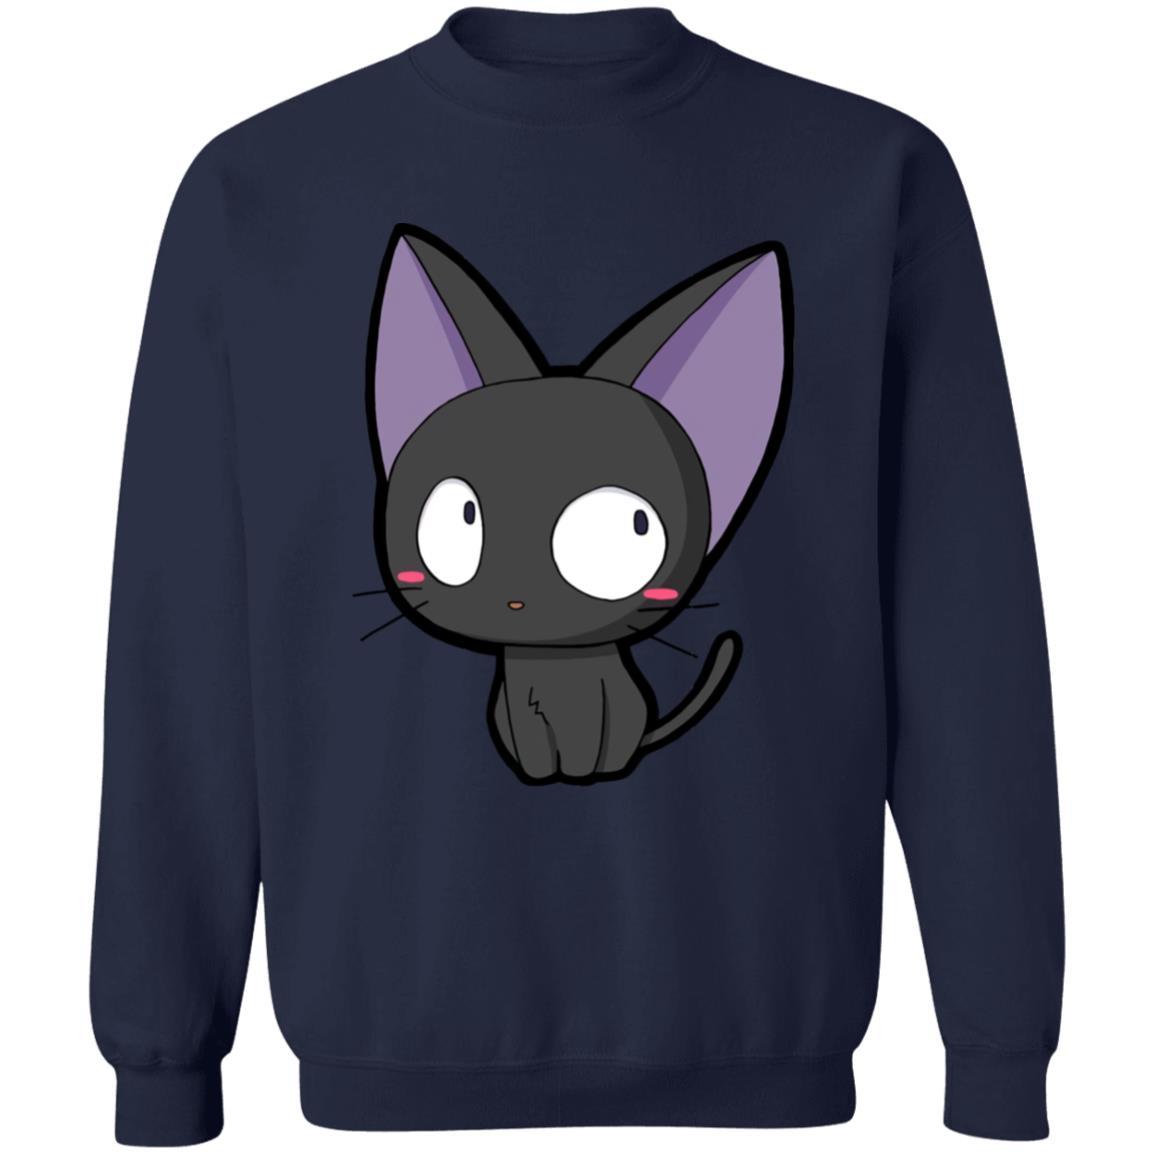 Kiki's Delivery Service – Jiji Chibi Sweatshirt